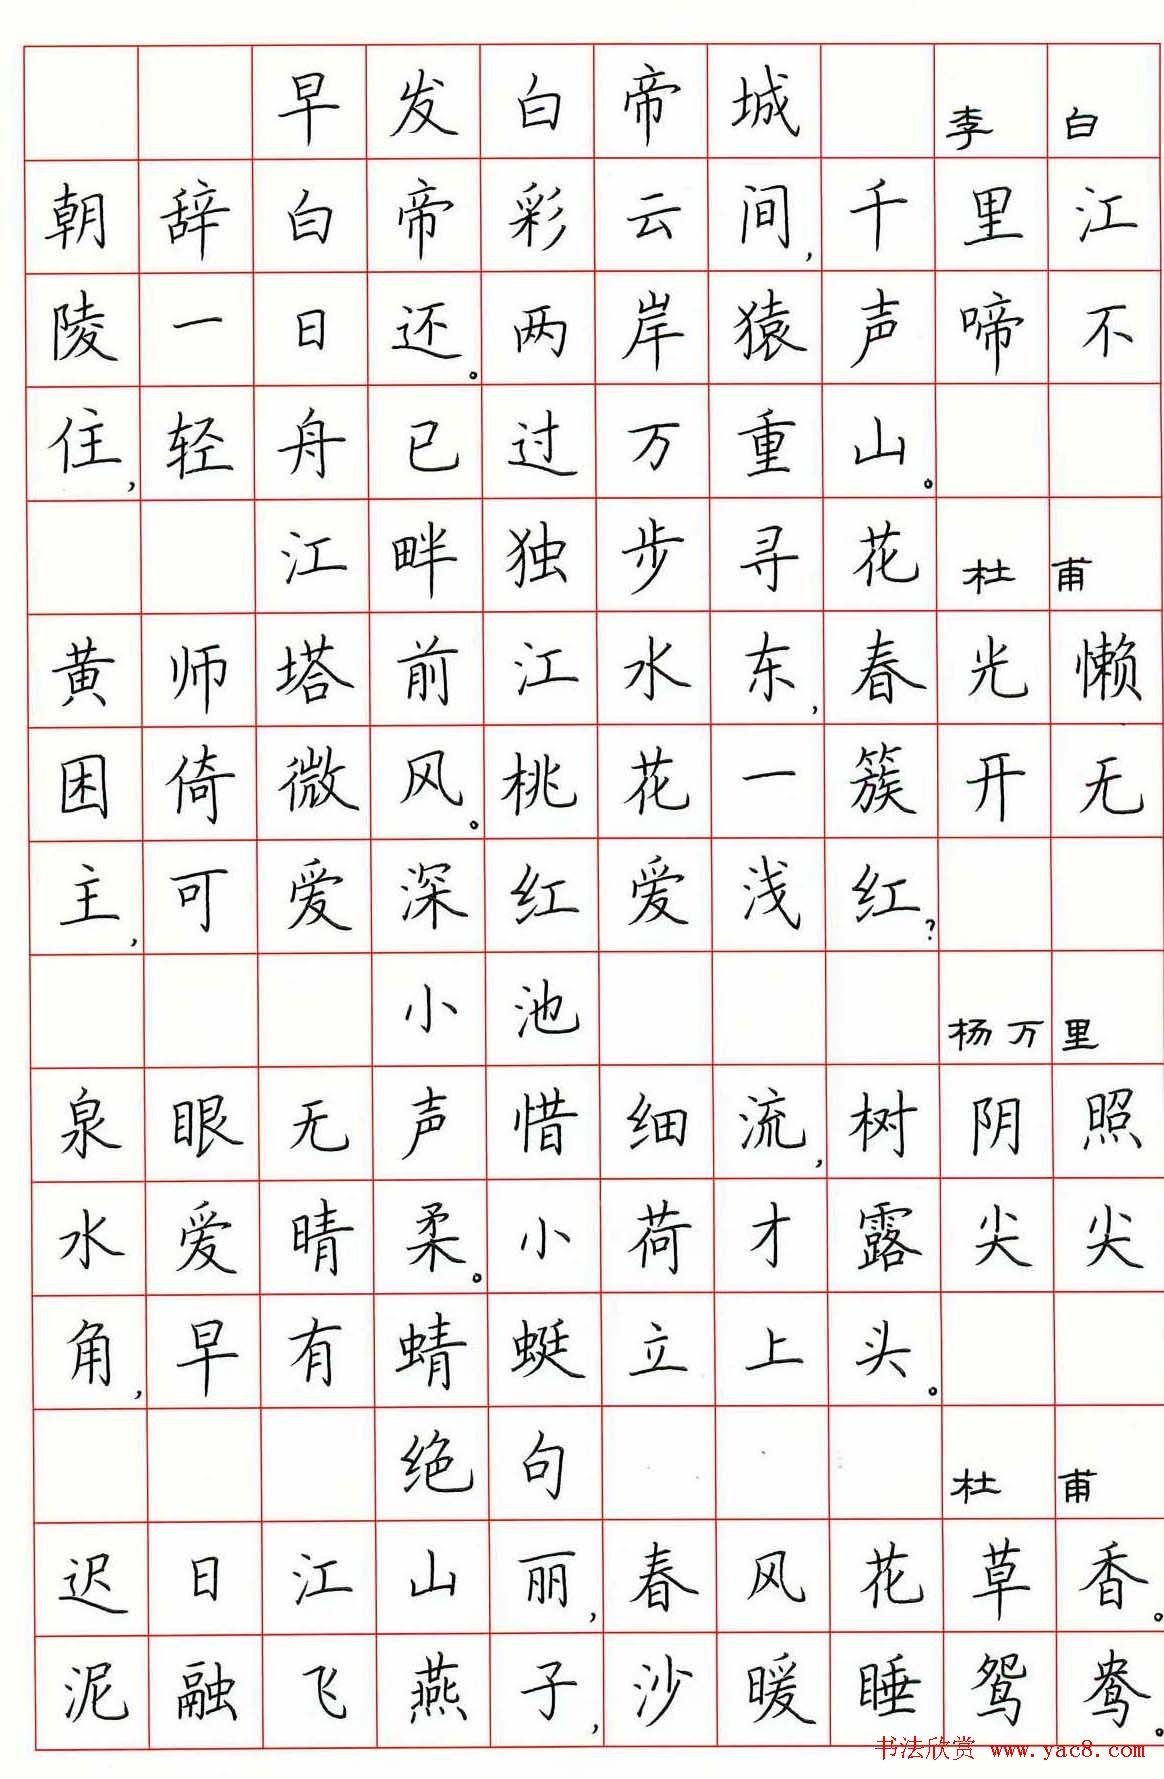 荆霄鹏硬笔书法作品 古诗选 第10页 硬笔书法 书法欣赏图片